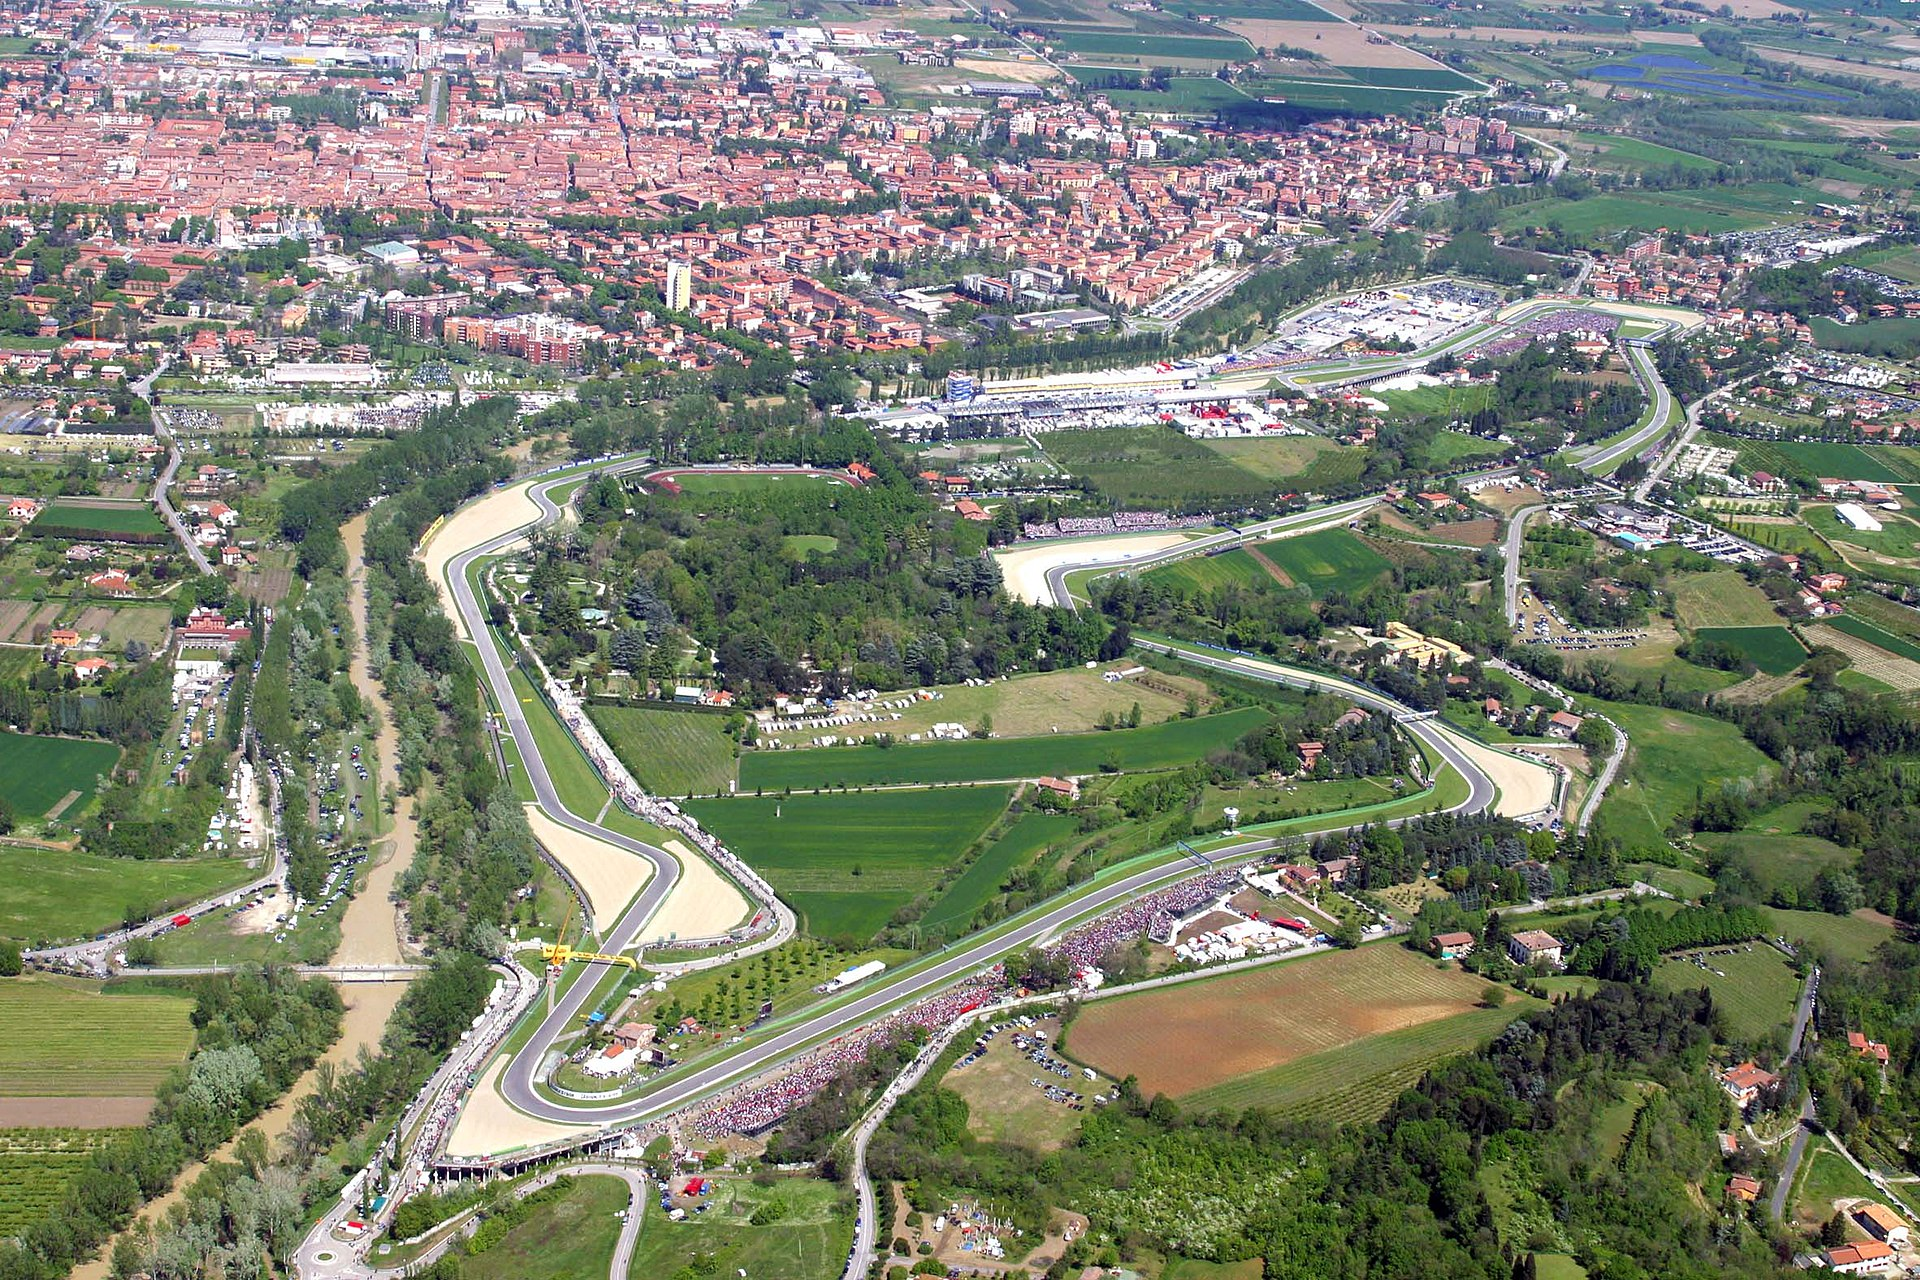 Autodromo Enzo e Dino Ferrari - Wikipedia